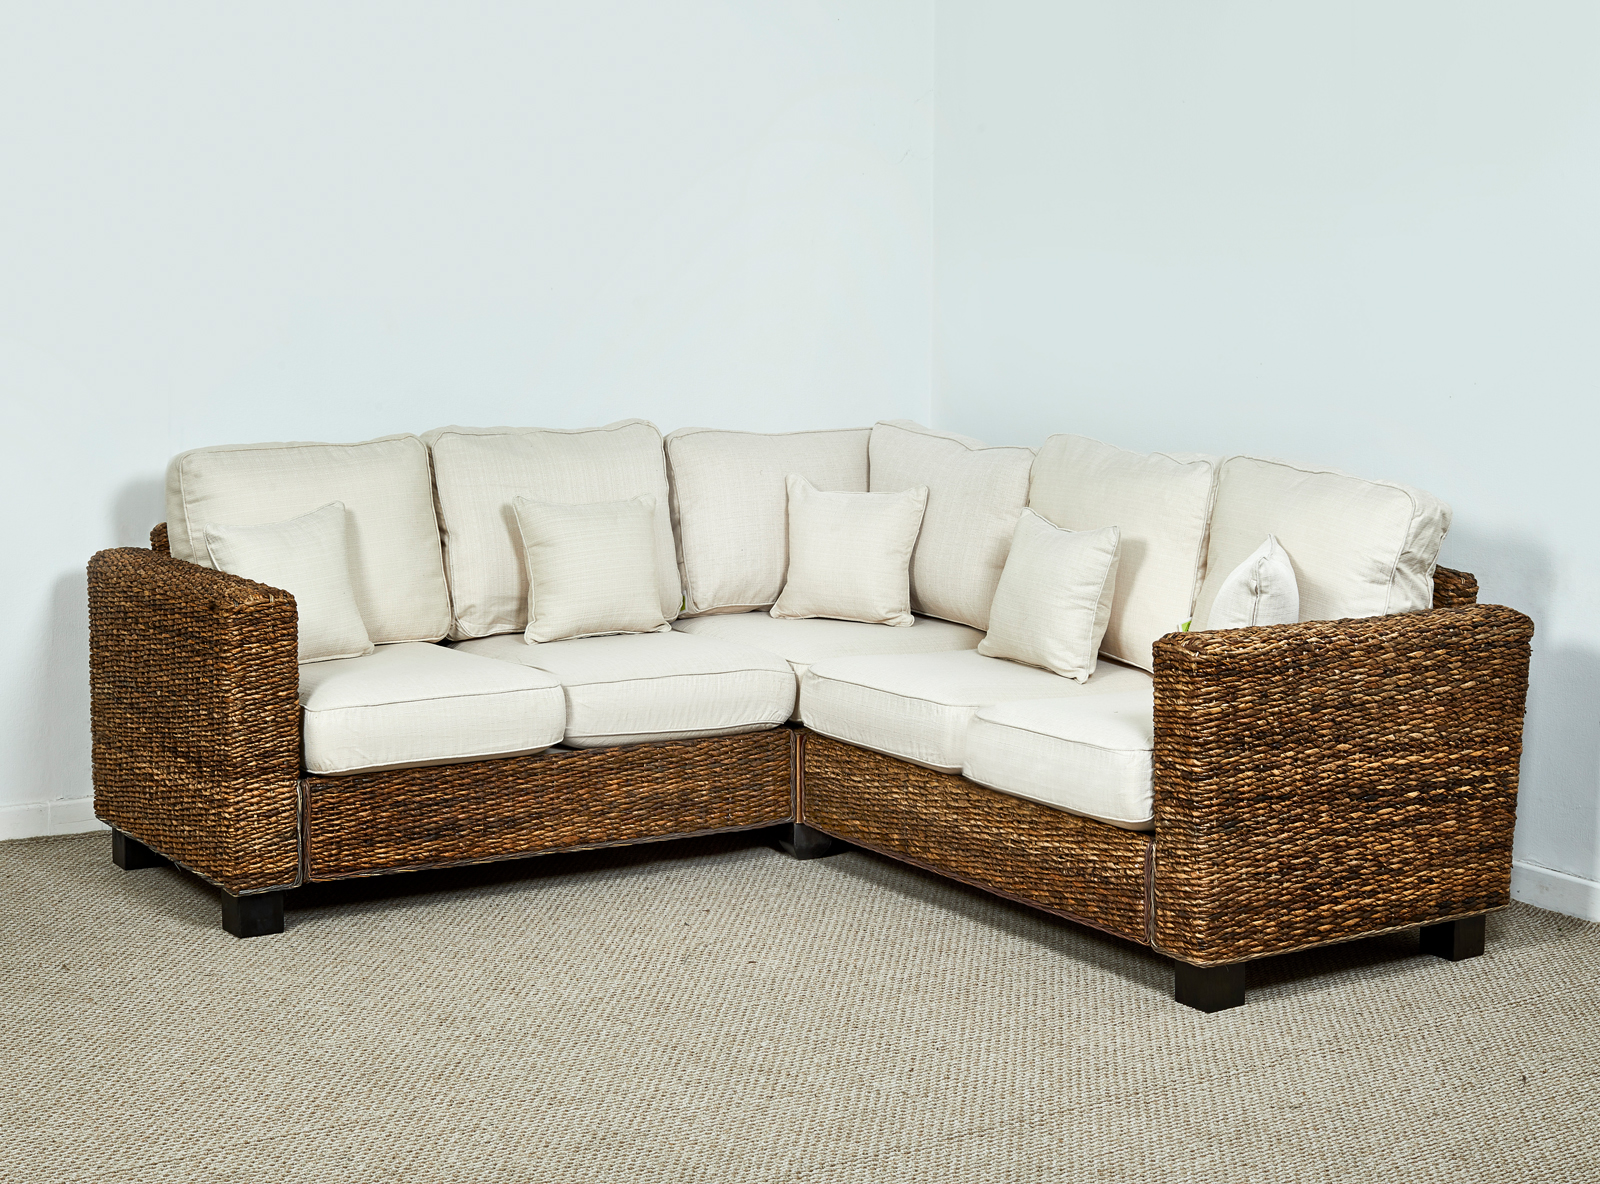 Kensington Abaca 209cm X 209cm Corner Sofa In Natural Oatmeal